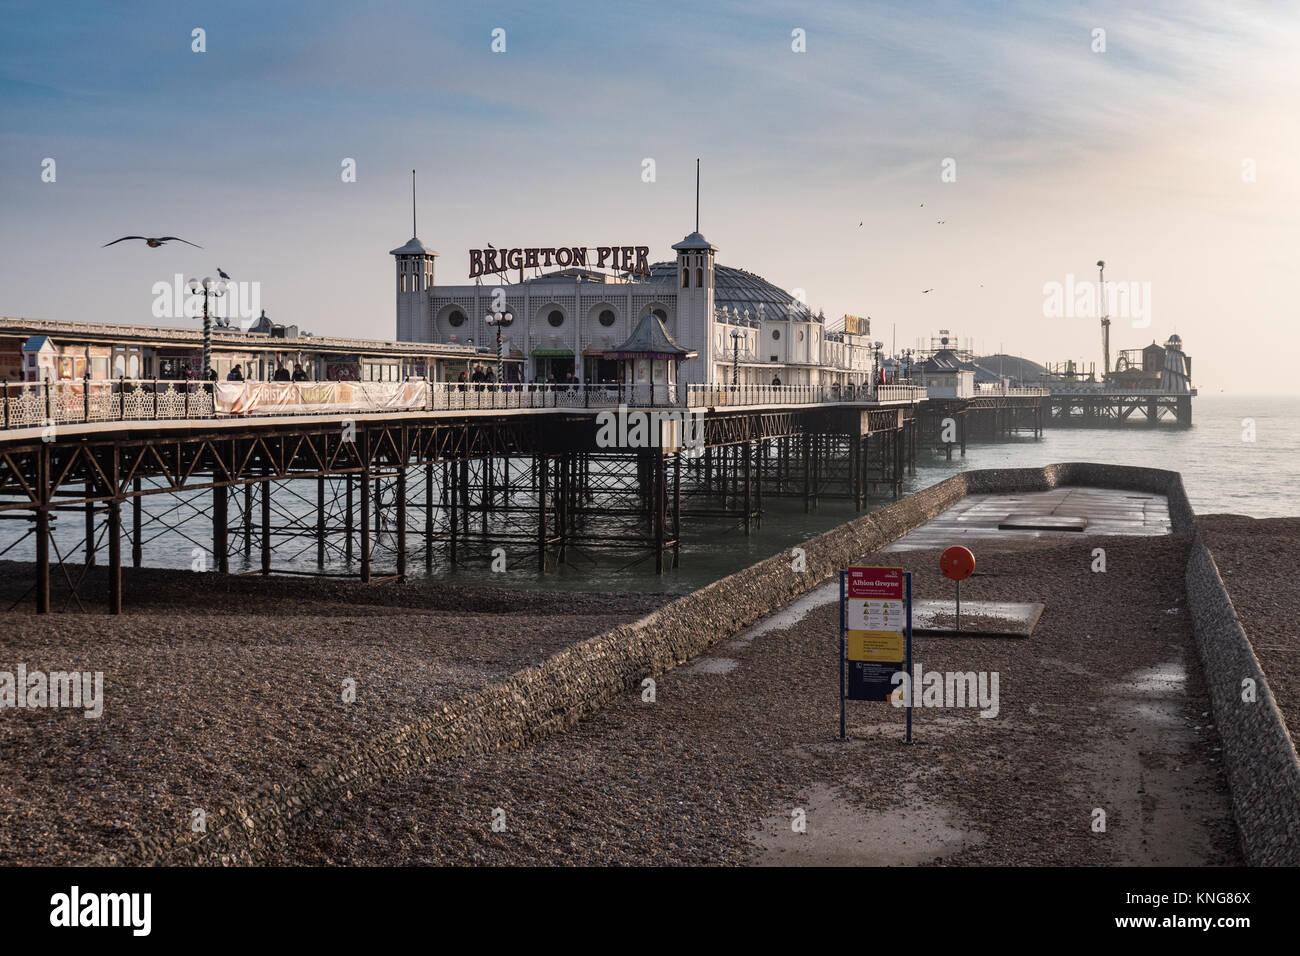 Il Brighton Pier, Sussex, Inghilterra, Regno Unito. Immagini Stock